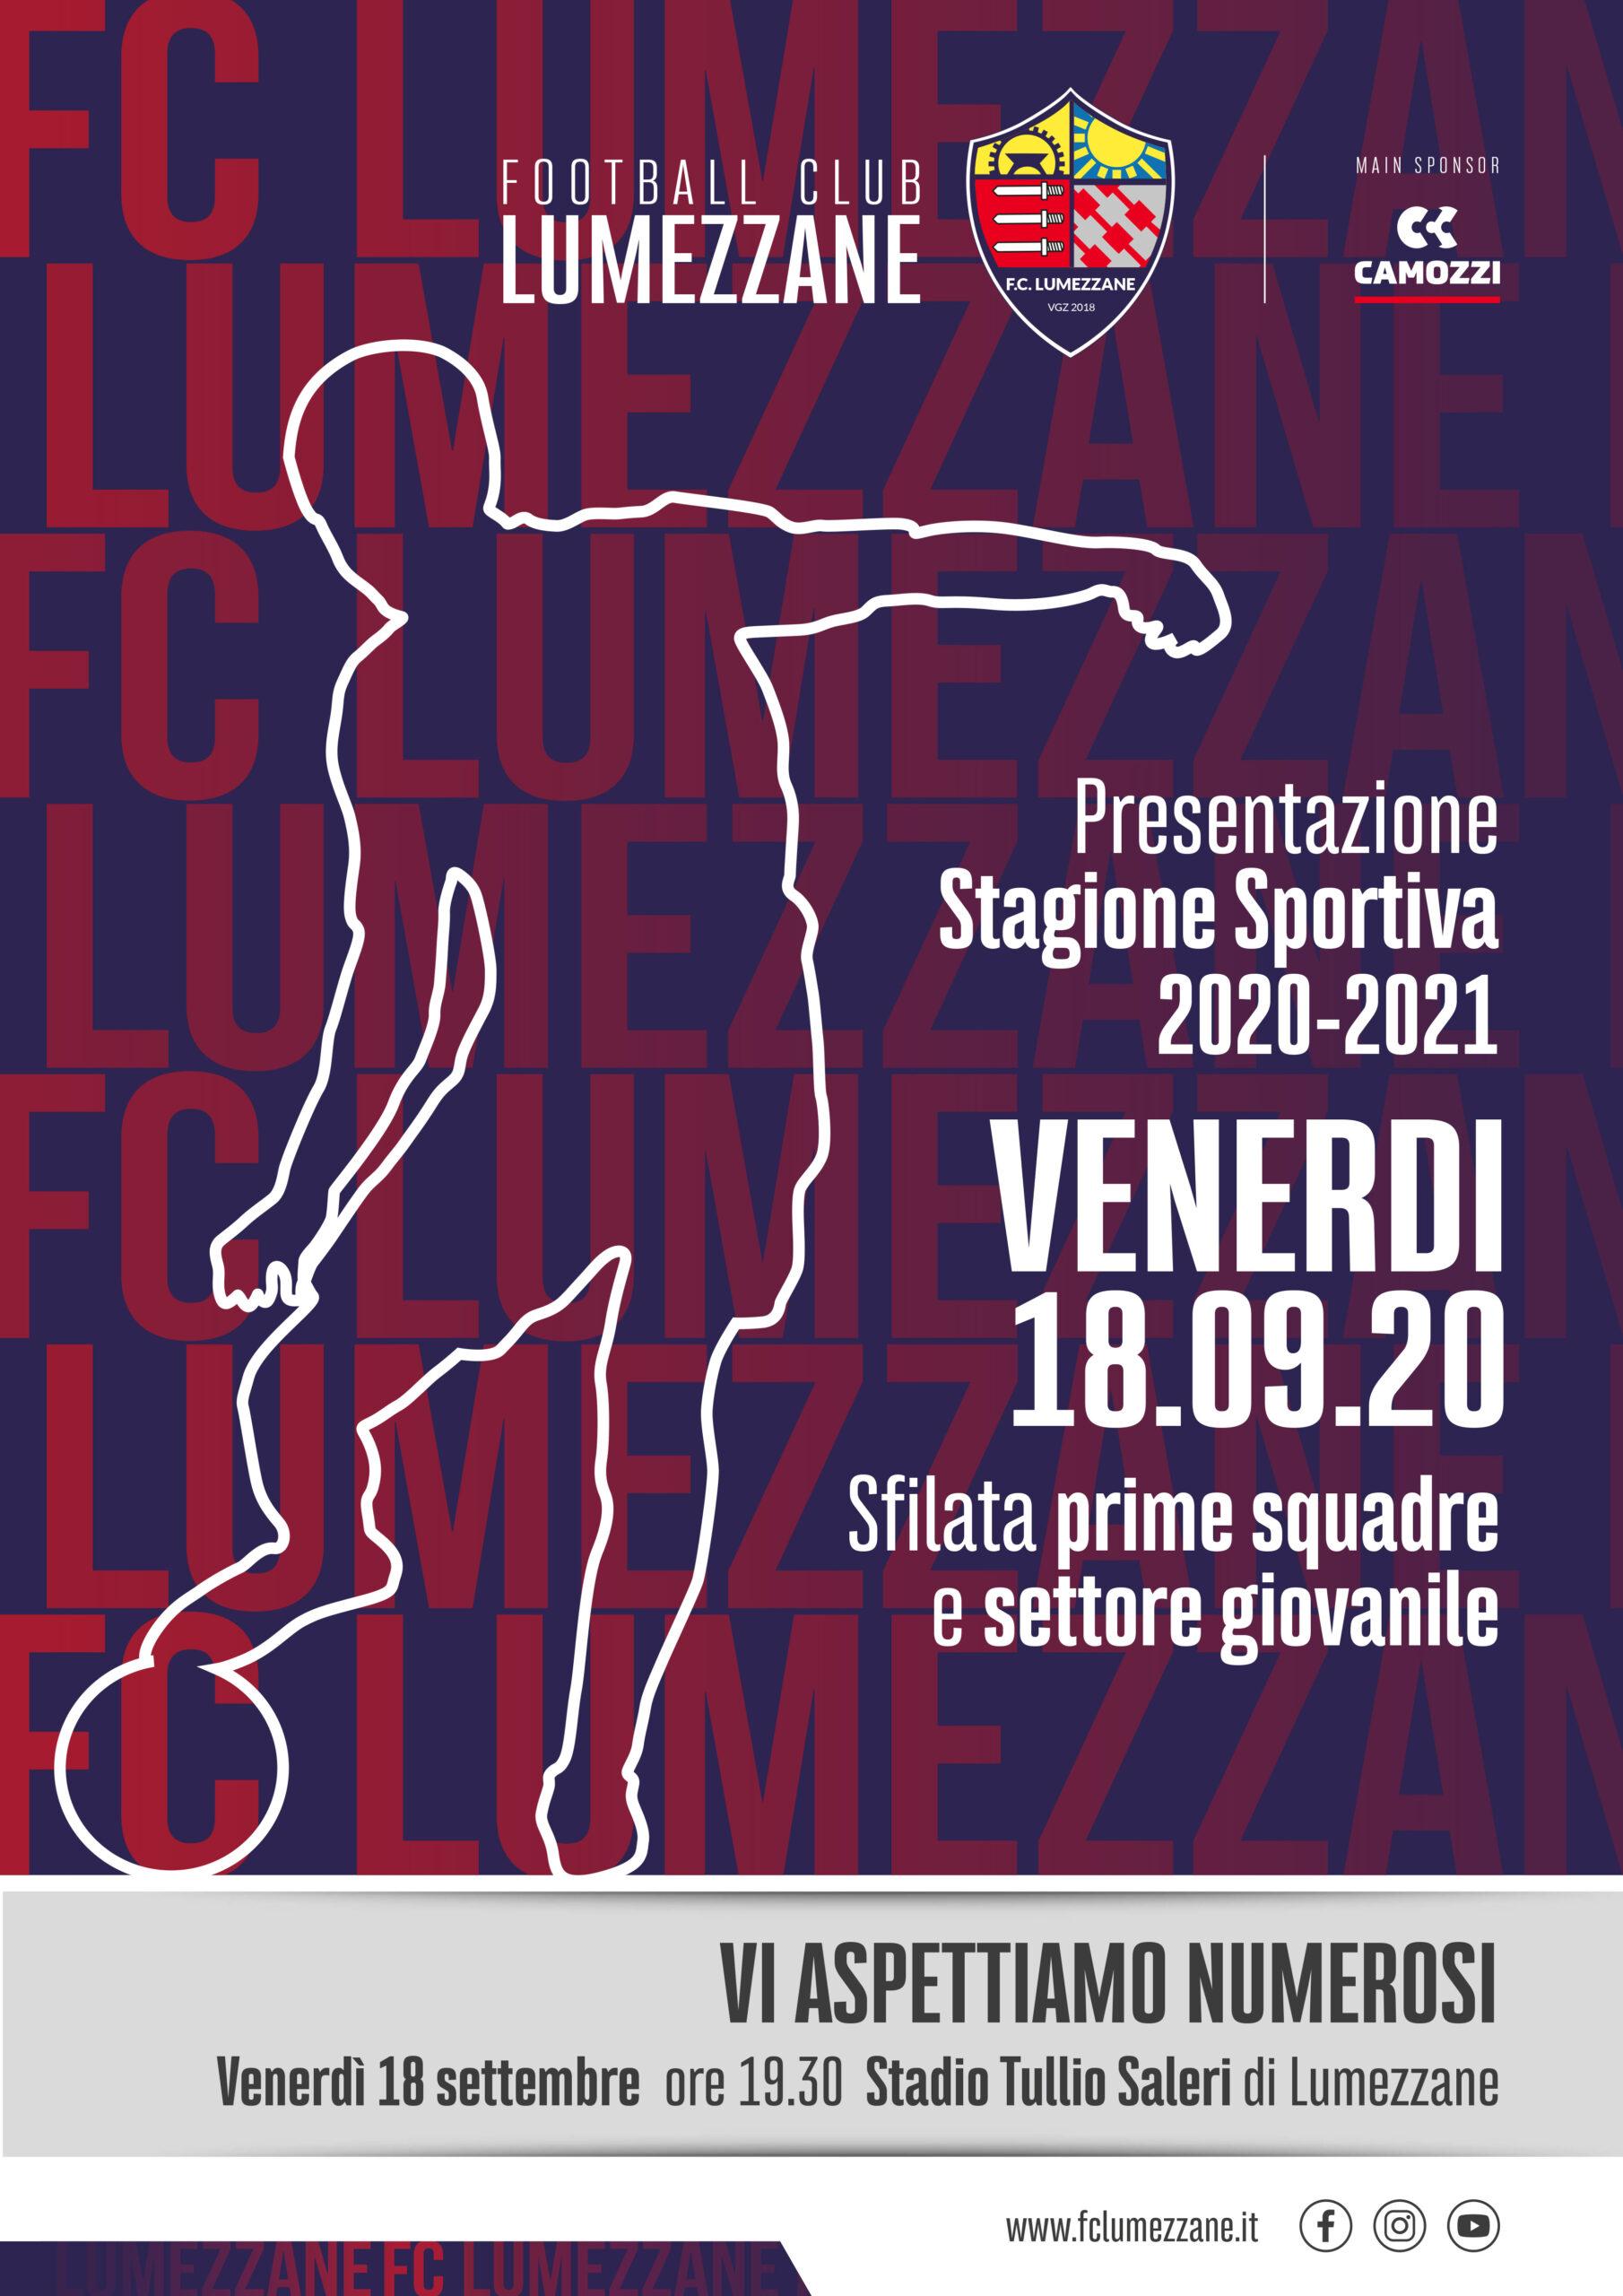 Presentazione Ufficiale F.C. Lumezzane Vgz, Stagione 2020/2021